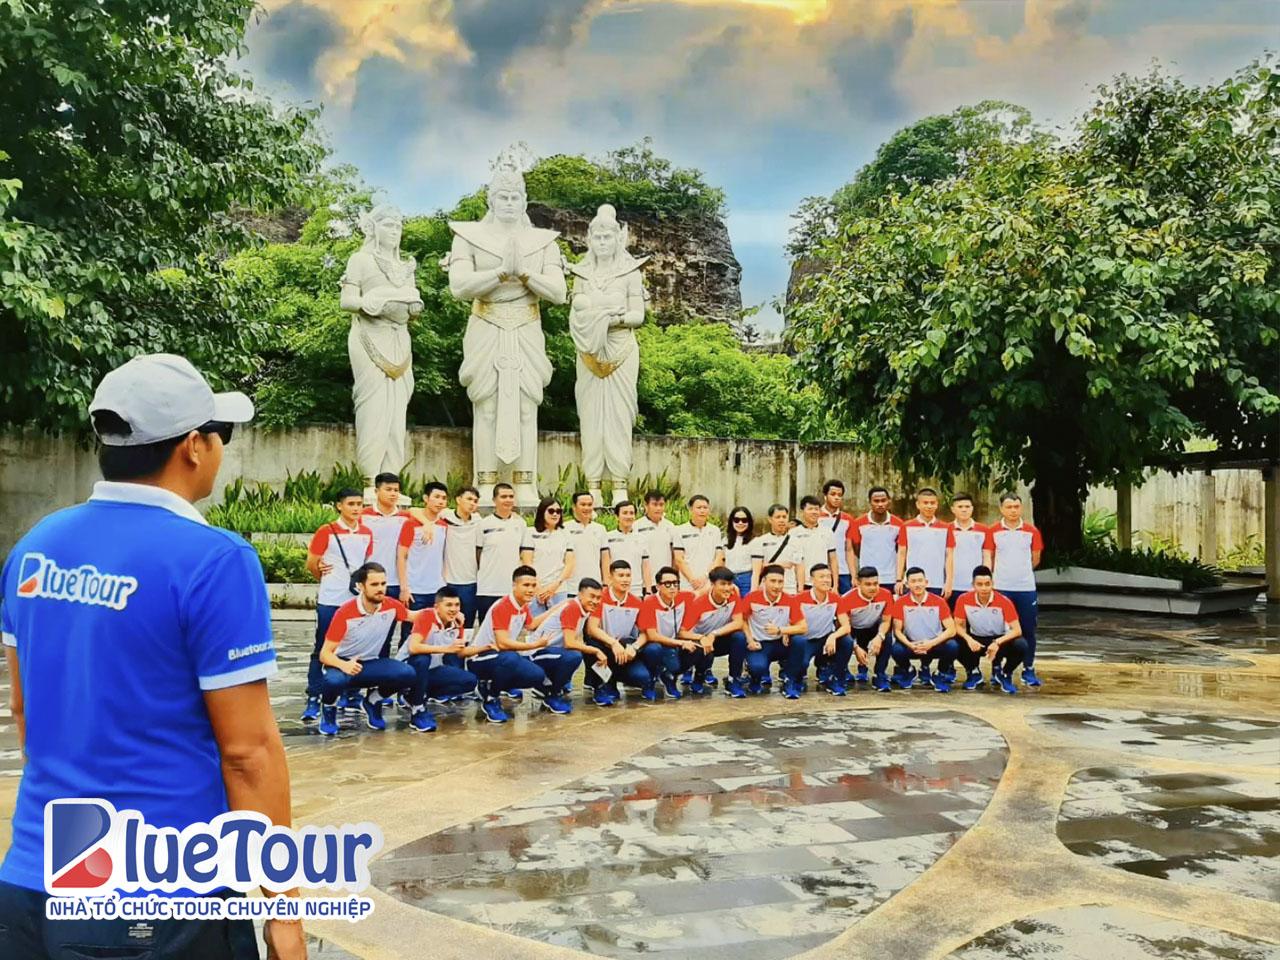 CLB Than Quảng Ninh khám phá công viên văn hóa Garuda Wisnu Kencana, Bali